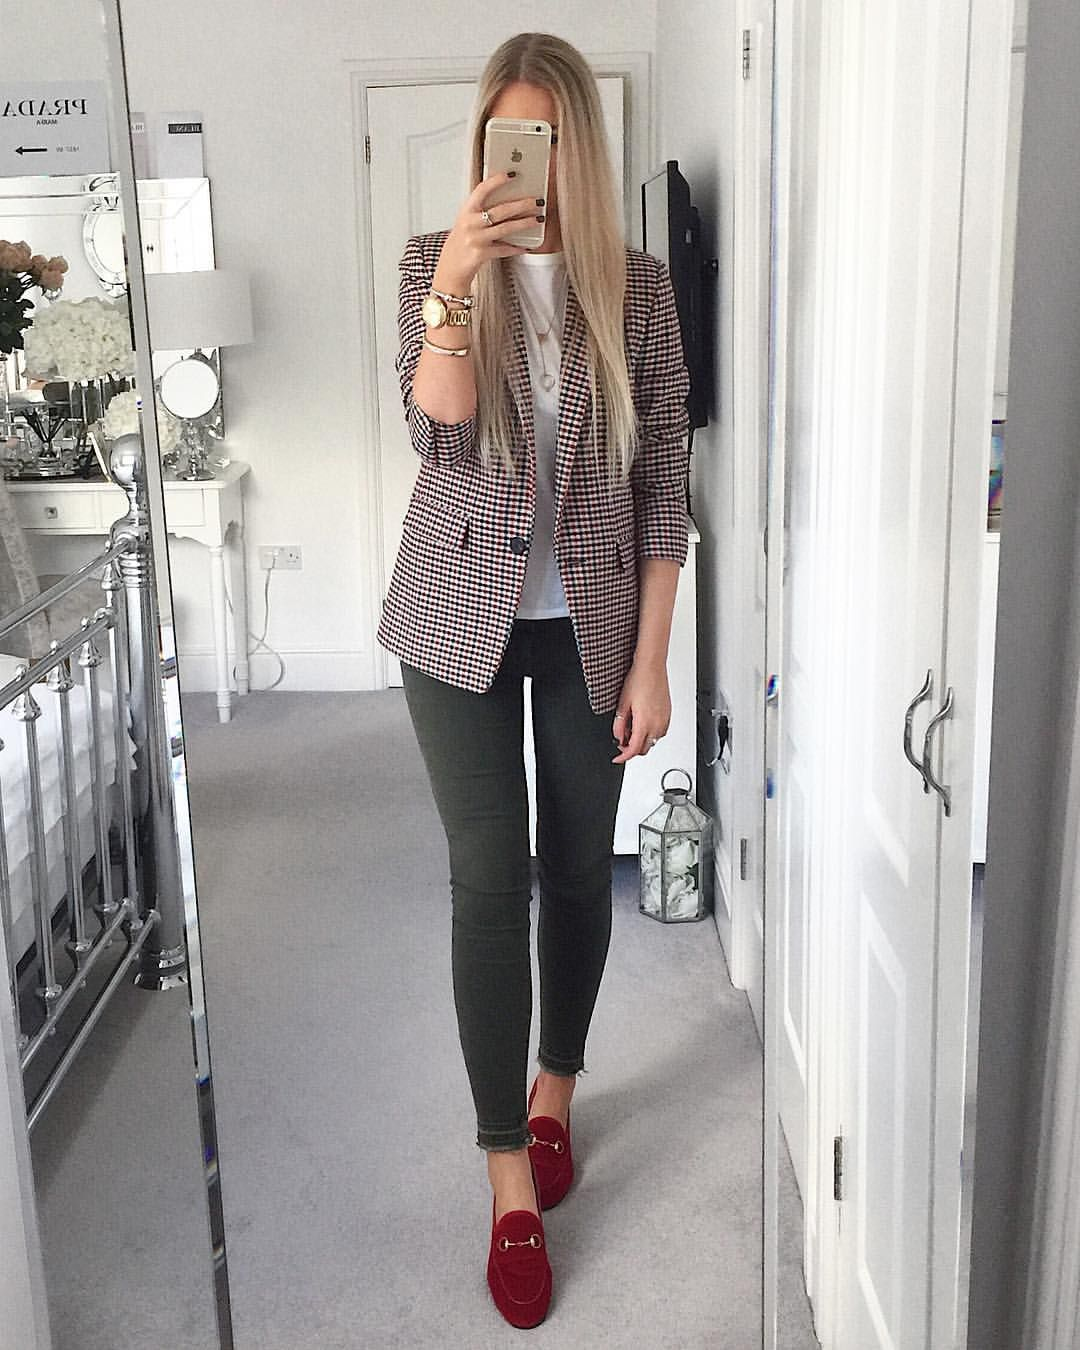 ad32aee1c Instagram @emilyjanehardy Sandro checked jacket, current Elliott green  jeans, white tshirt, red velvet Gucci Jordaan loafers